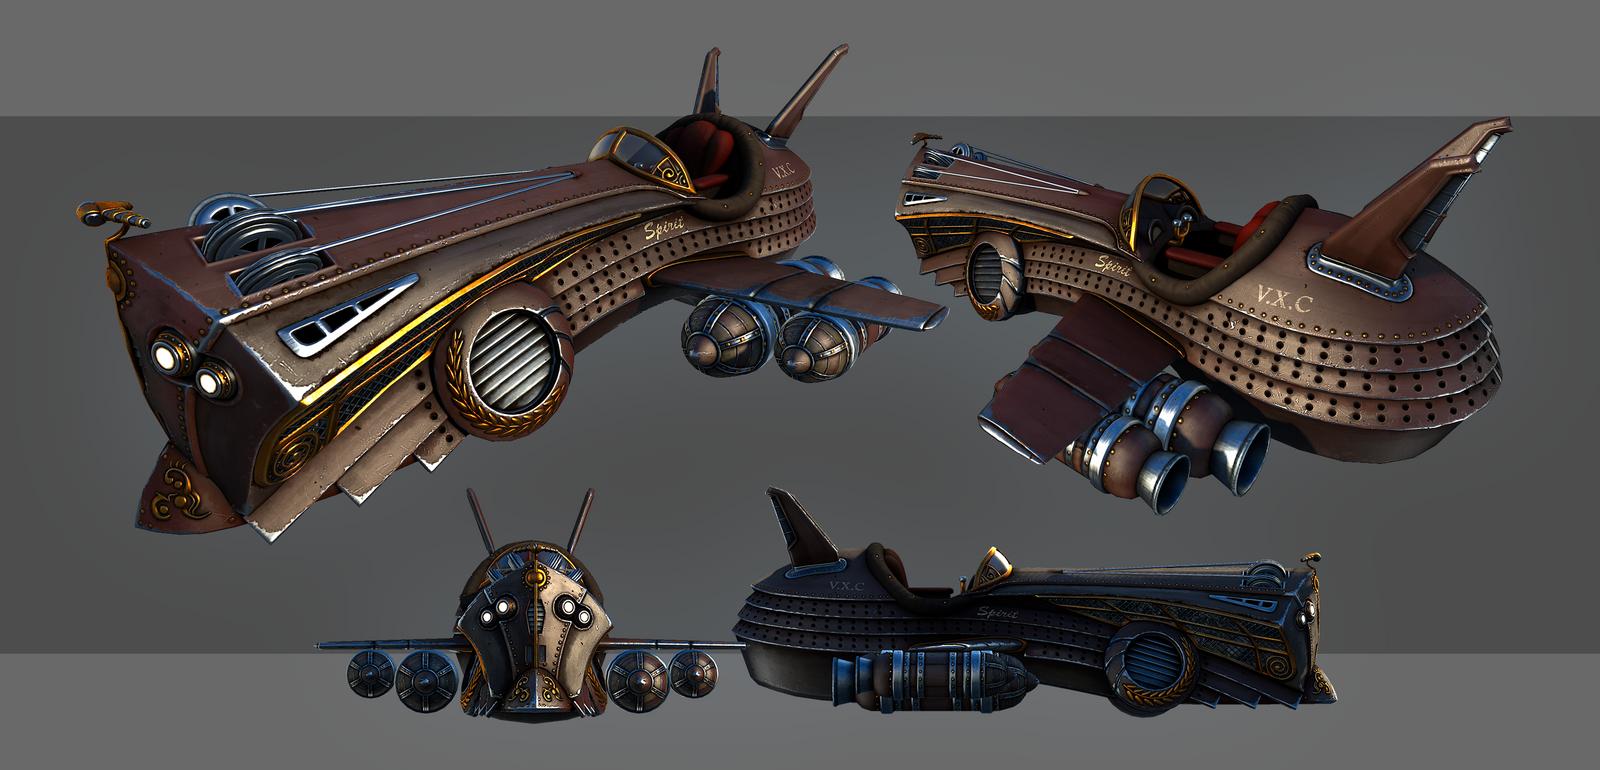 Spirit - Steampunk Flightcraft by Nosslak